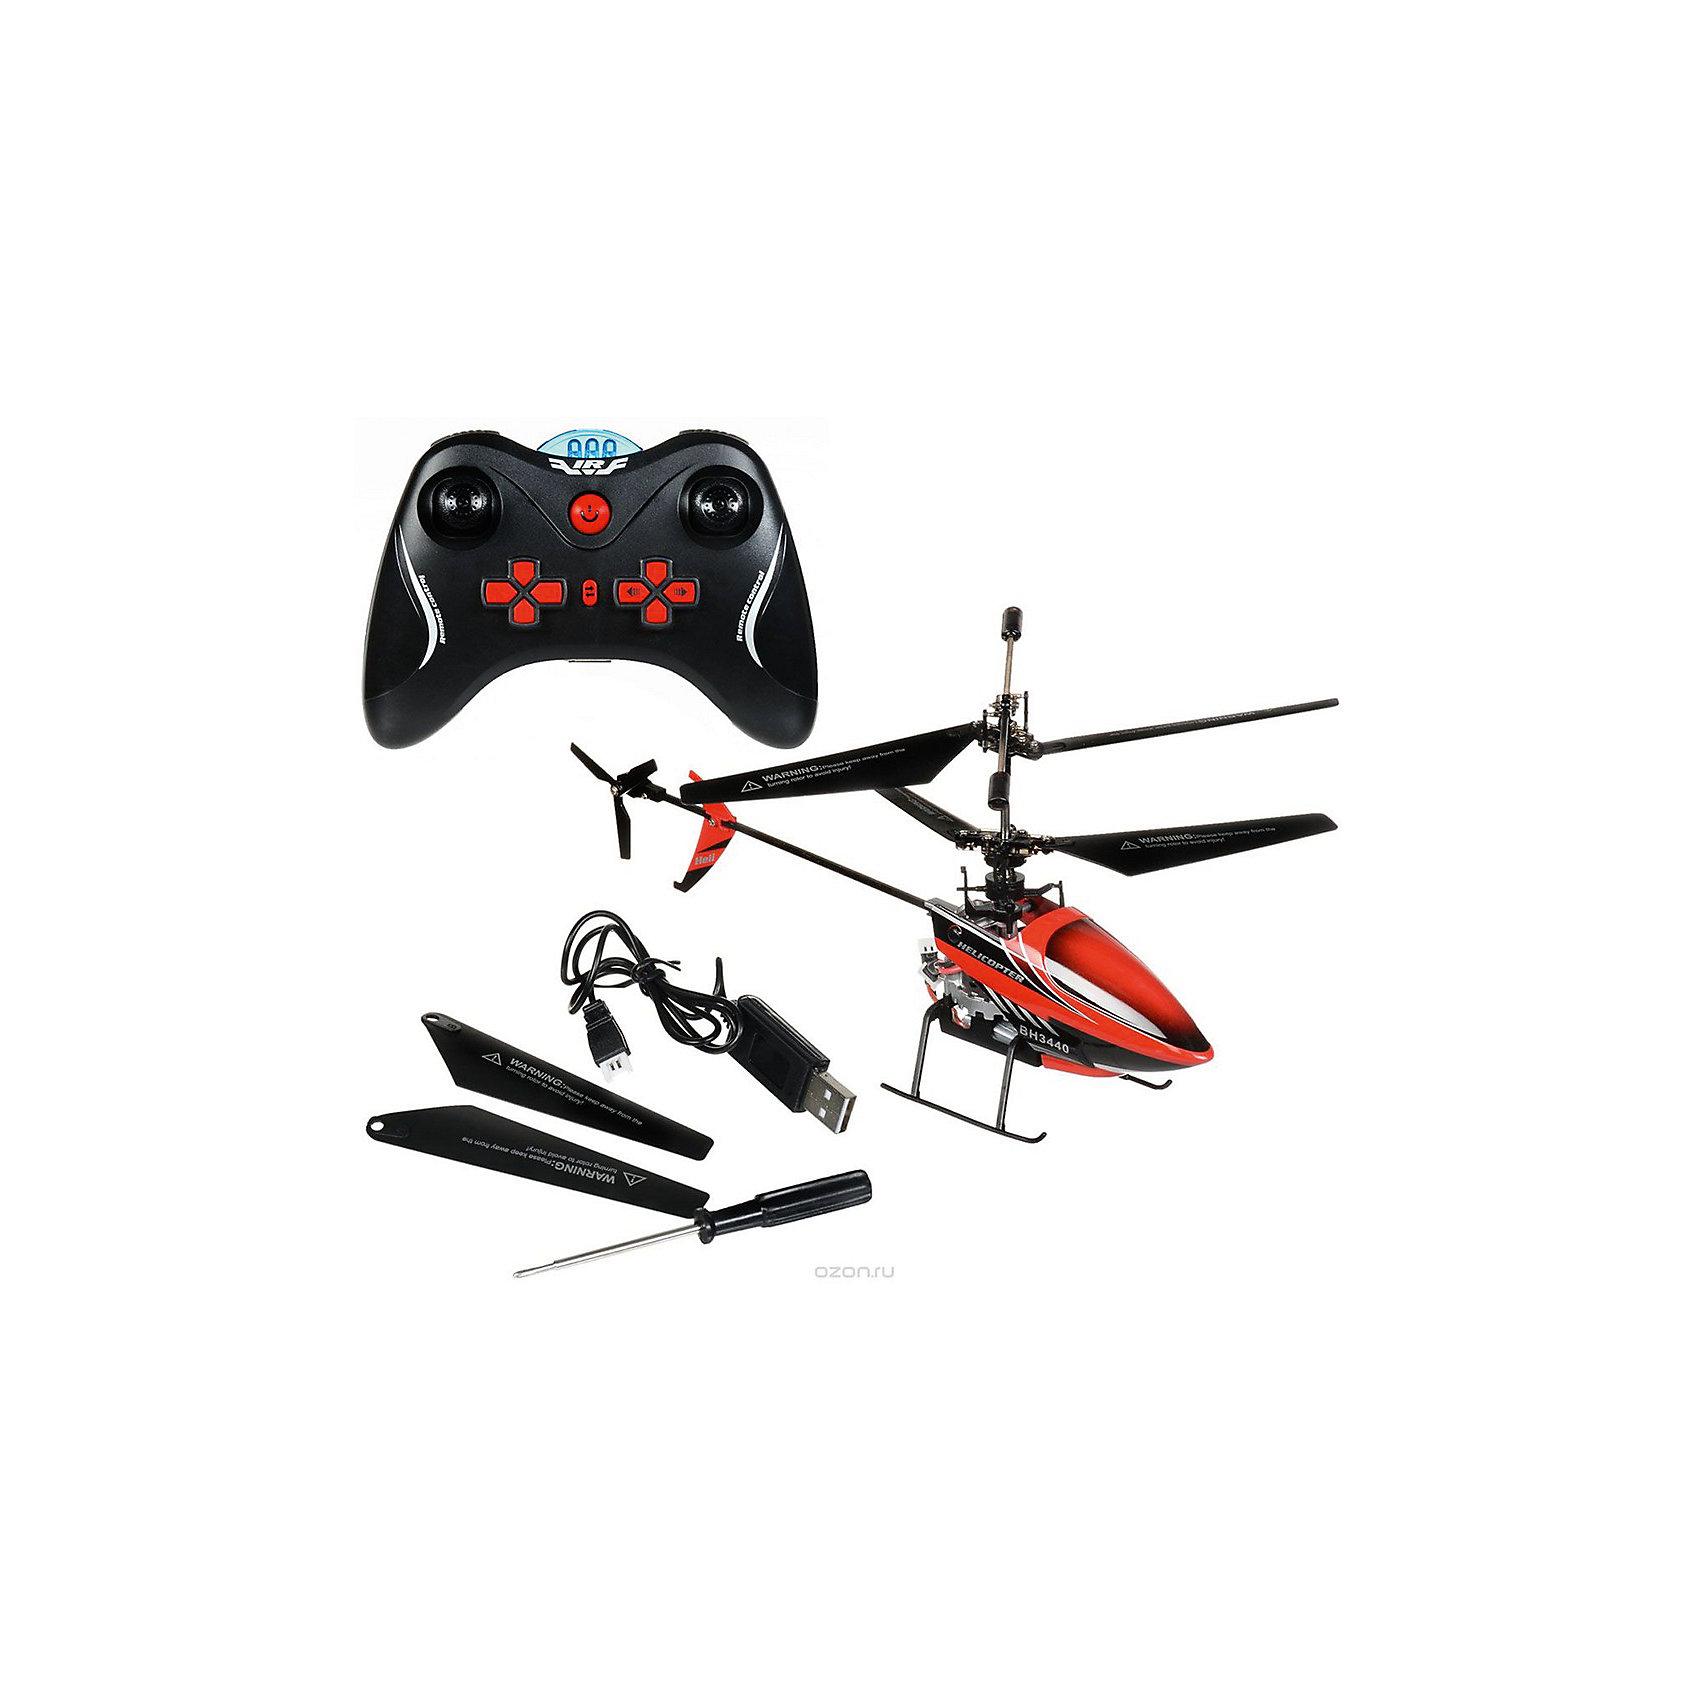 Вертолет на р/у Непоседа, черно-красный, Властелин небесРадиоуправляемые вертолёты<br>Вертолет на р/у Непоседа, черно-красный, Властелин небес<br><br>Характеристики:<br><br>• инфракрасное управление<br>• встроенный гироскоп<br>• хорошо обходит препятствия<br>• летает вперед, назад, вниз и вверх<br>• может разворачиваться и зависать в воздухе<br>• светящиеся сигнальные огни для полета в темноте<br>• время полета: 7-8 минут<br>• размер вертолета: 13х27х6 см<br>• размер пульта: 15х11 см<br>• размер упаковки: 36х27х8 см<br>• в комплекте: вертолет, пульт управления, USB кабель, отвертка, запасные лопасти, запасной винт, инструкция<br>• материал: металл, пластик<br>• батарейки: АА - 4 шт. (не входят в комплект)<br>• цвет: черно-красный<br><br>Вертолет Непоседа очень легкий и маневренный. Он хорошо обходит препятствия и выполняет любые команды, полученные с пульта управления. Непоседа может летать вверх, вниз, вперед и назад. Кроме того, он умеет разворачиваться и зависать в воздухе. Встроенный гироскоп обеспечивает стабилизацию во время полета. Для игры в темноте предусмотрены светящиеся сигнальные огни. Вы без труда найдете игрушку и будете наслаждаться ярким освещением. Вертолет можно подзарядить от пульта и USB кабеля. Время игры - 8 минут.<br>Для работы пульта необходимы четыре батарейки АА ( не входят в комплект).<br><br>Вертолет на р/у Непоседа, черно-красный, Властелин небес вы можете купить в нашем интернет-магазине.<br><br>Ширина мм: 80<br>Глубина мм: 360<br>Высота мм: 270<br>Вес г: 690<br>Возраст от месяцев: 96<br>Возраст до месяцев: 2147483647<br>Пол: Мужской<br>Возраст: Детский<br>SKU: 5397095